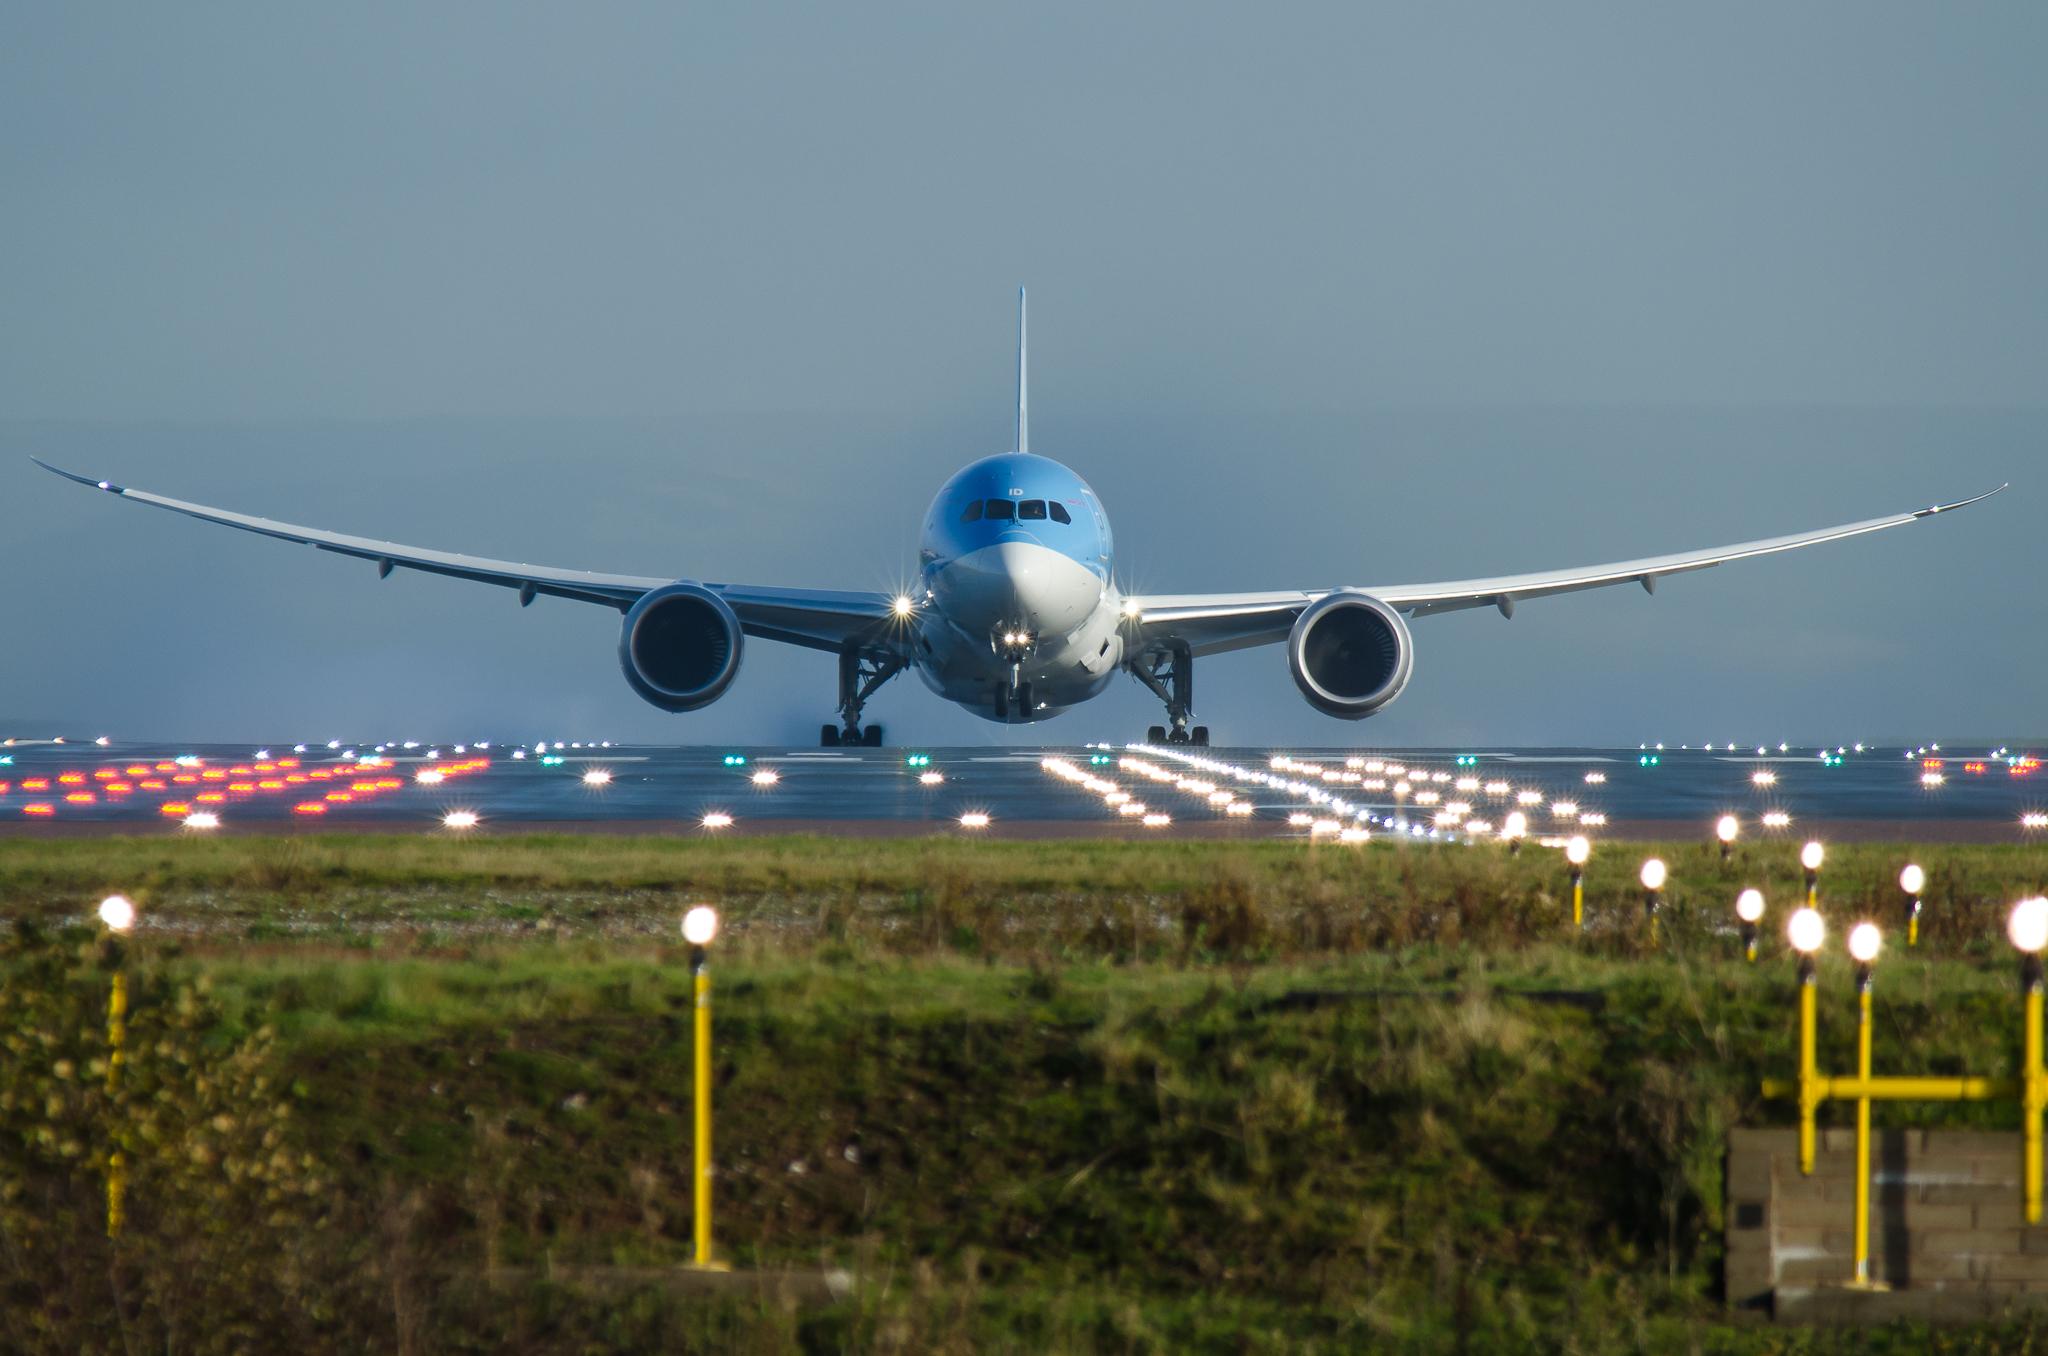 TOM686-thomson_airways_boeing_787-8_dreamliner_taxiing